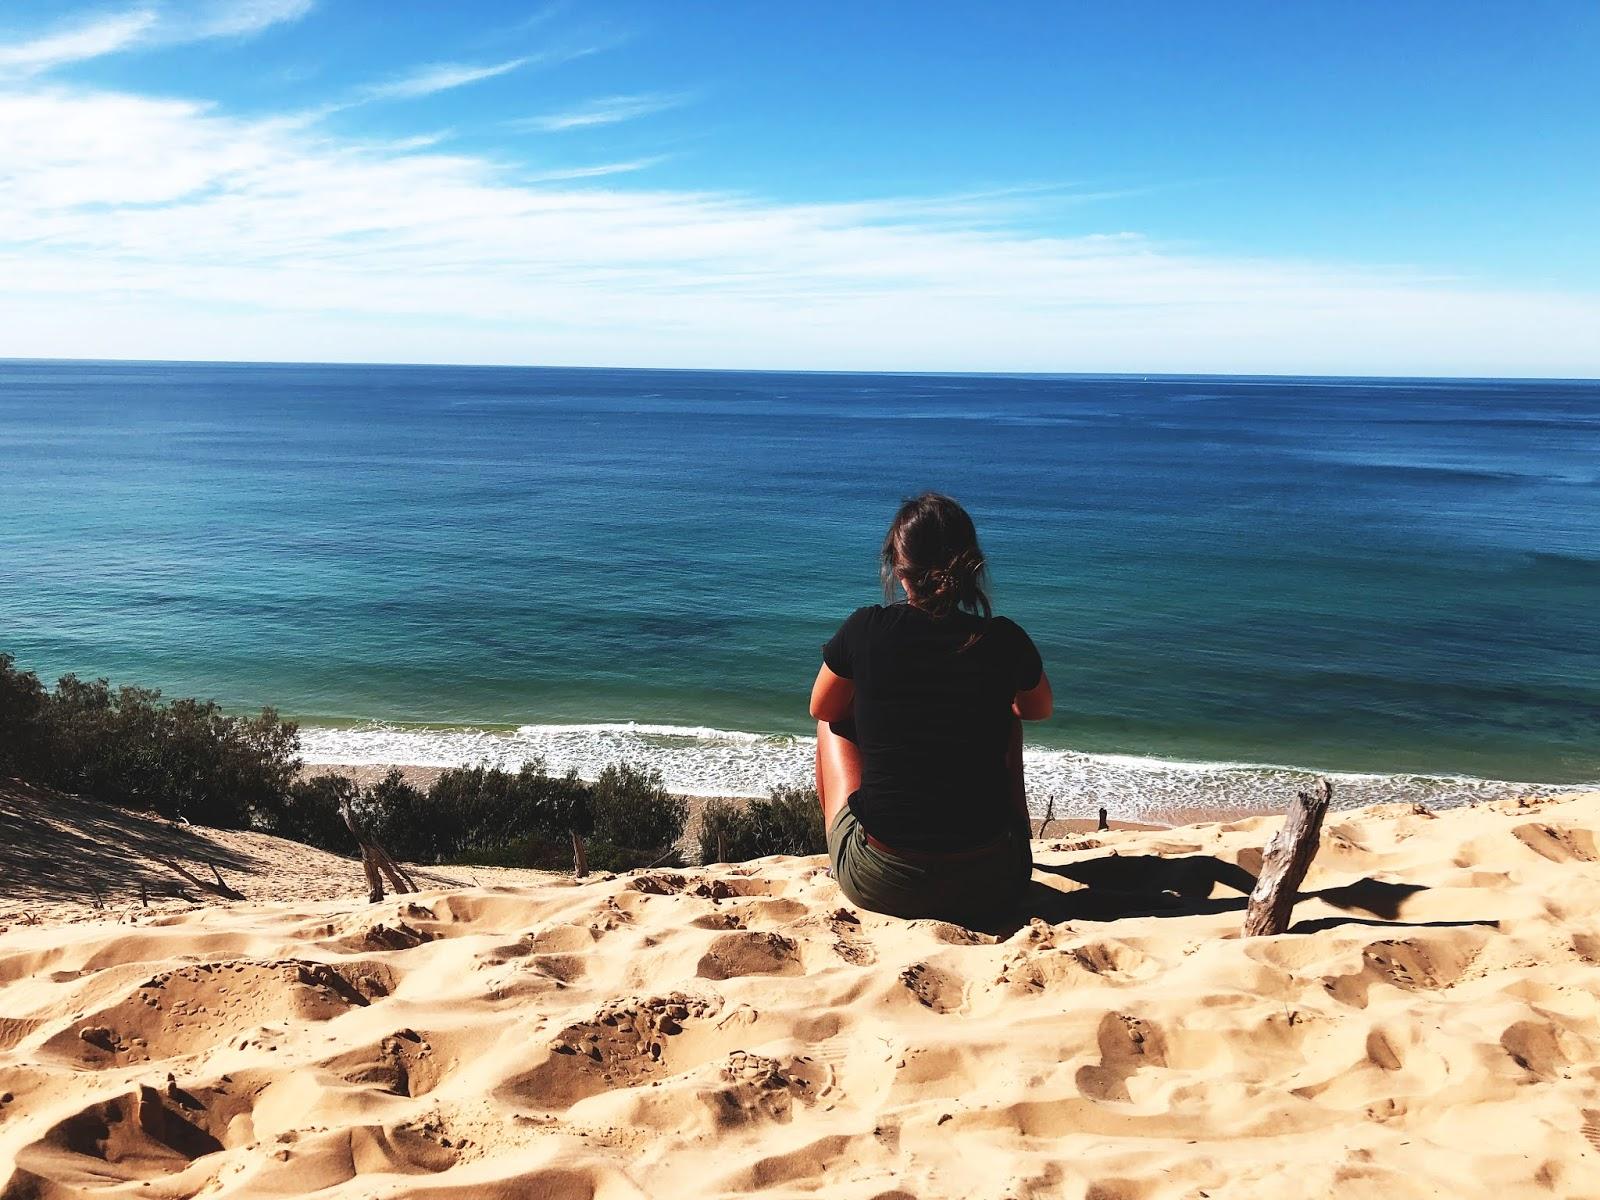 Plaża Rainbow Beach w Australii - widok z wydmy